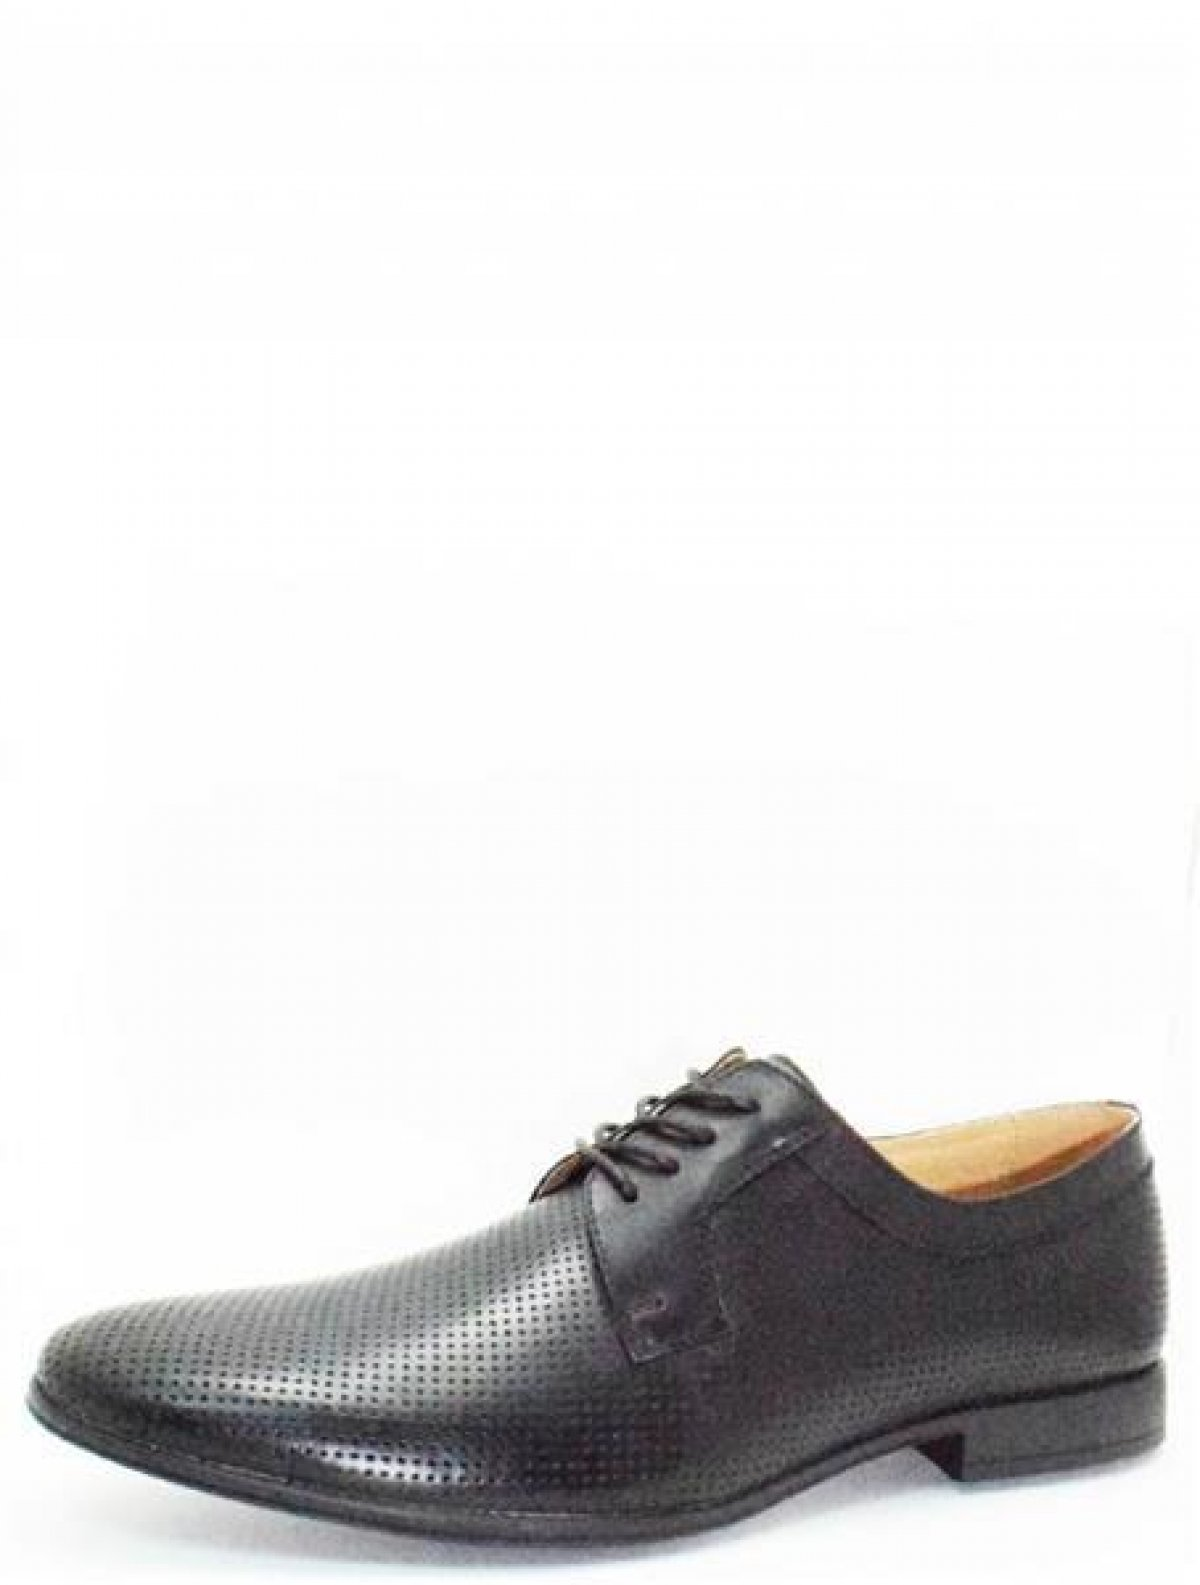 RU8458/B999 мужские туфли